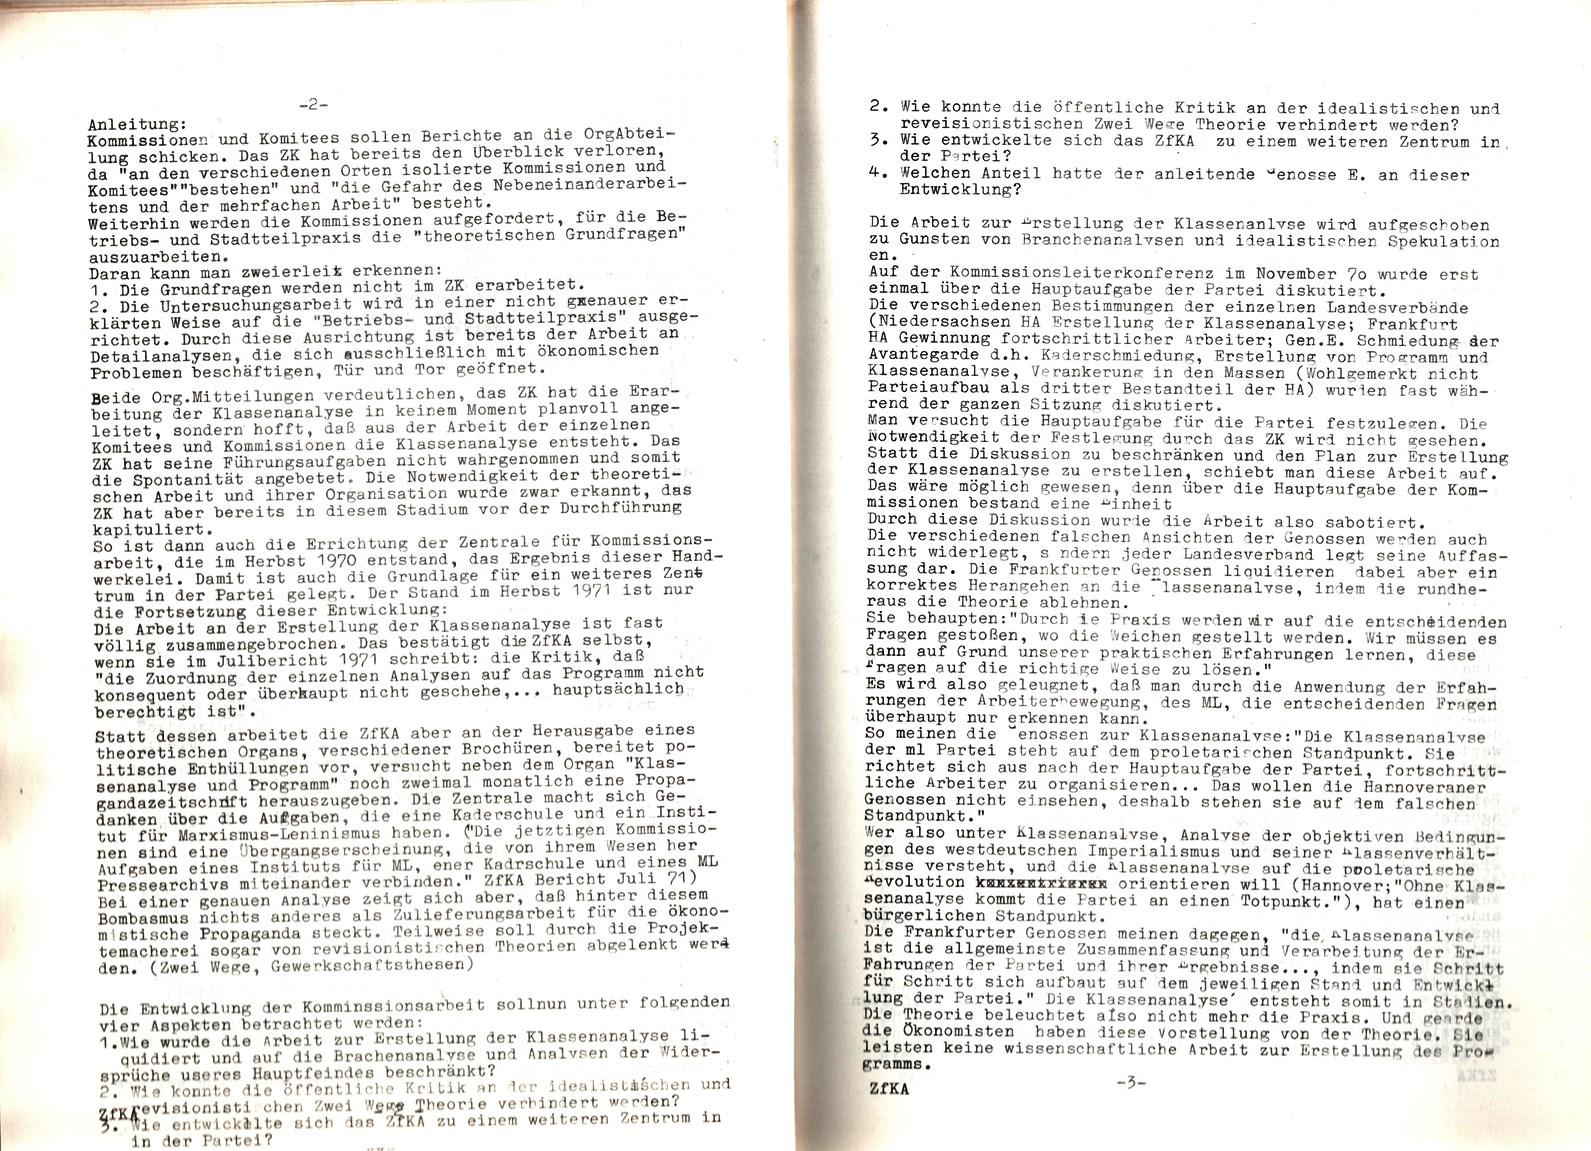 KPDML_1971_Analysen_und_Antraege_des_LV_Sued_West_034